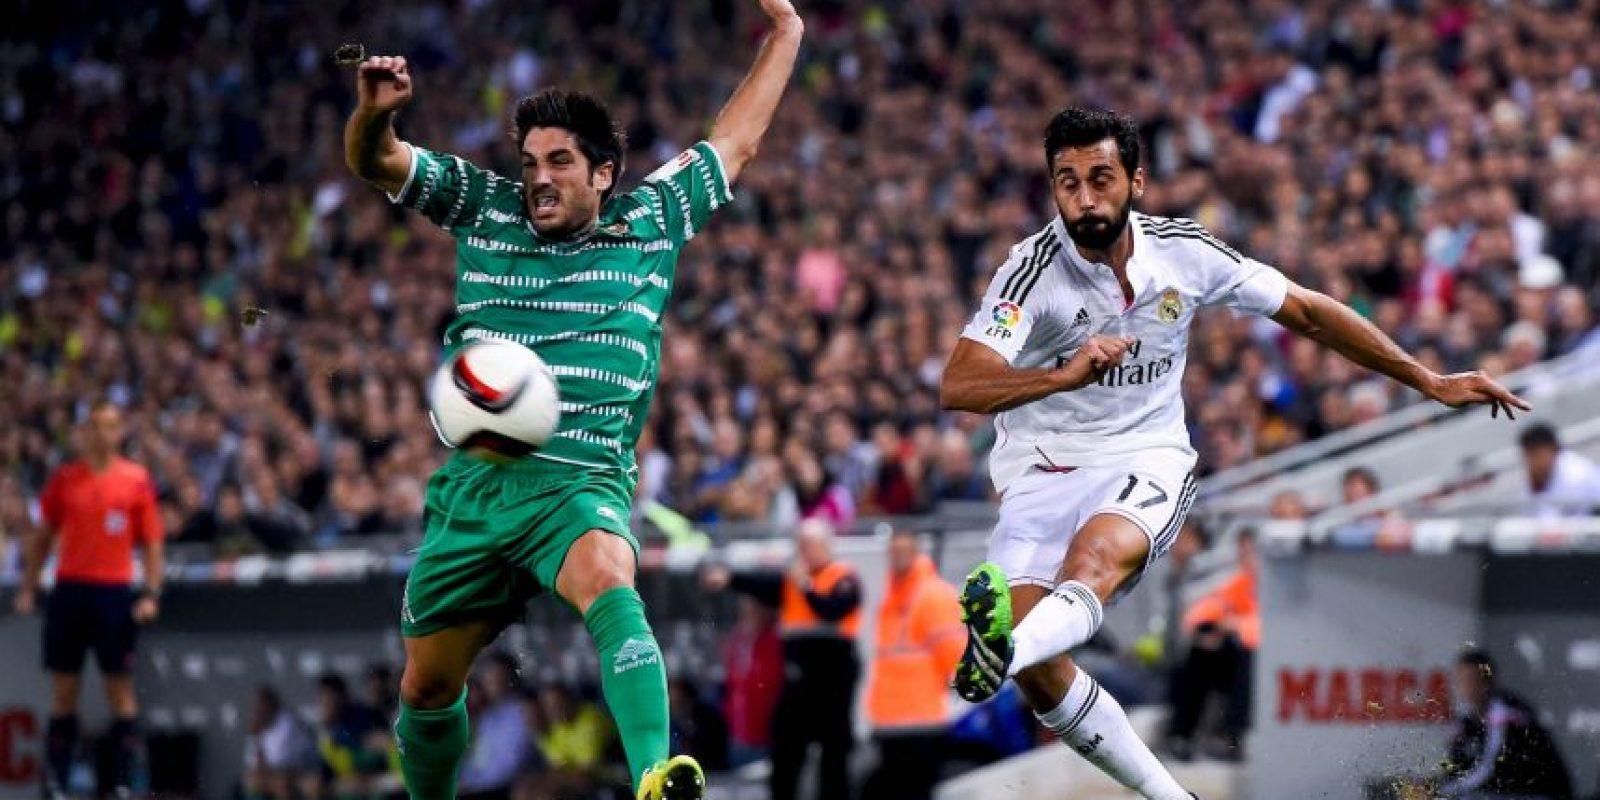 El duelo se disputará en el Santiago Bernabéu Foto:Getty